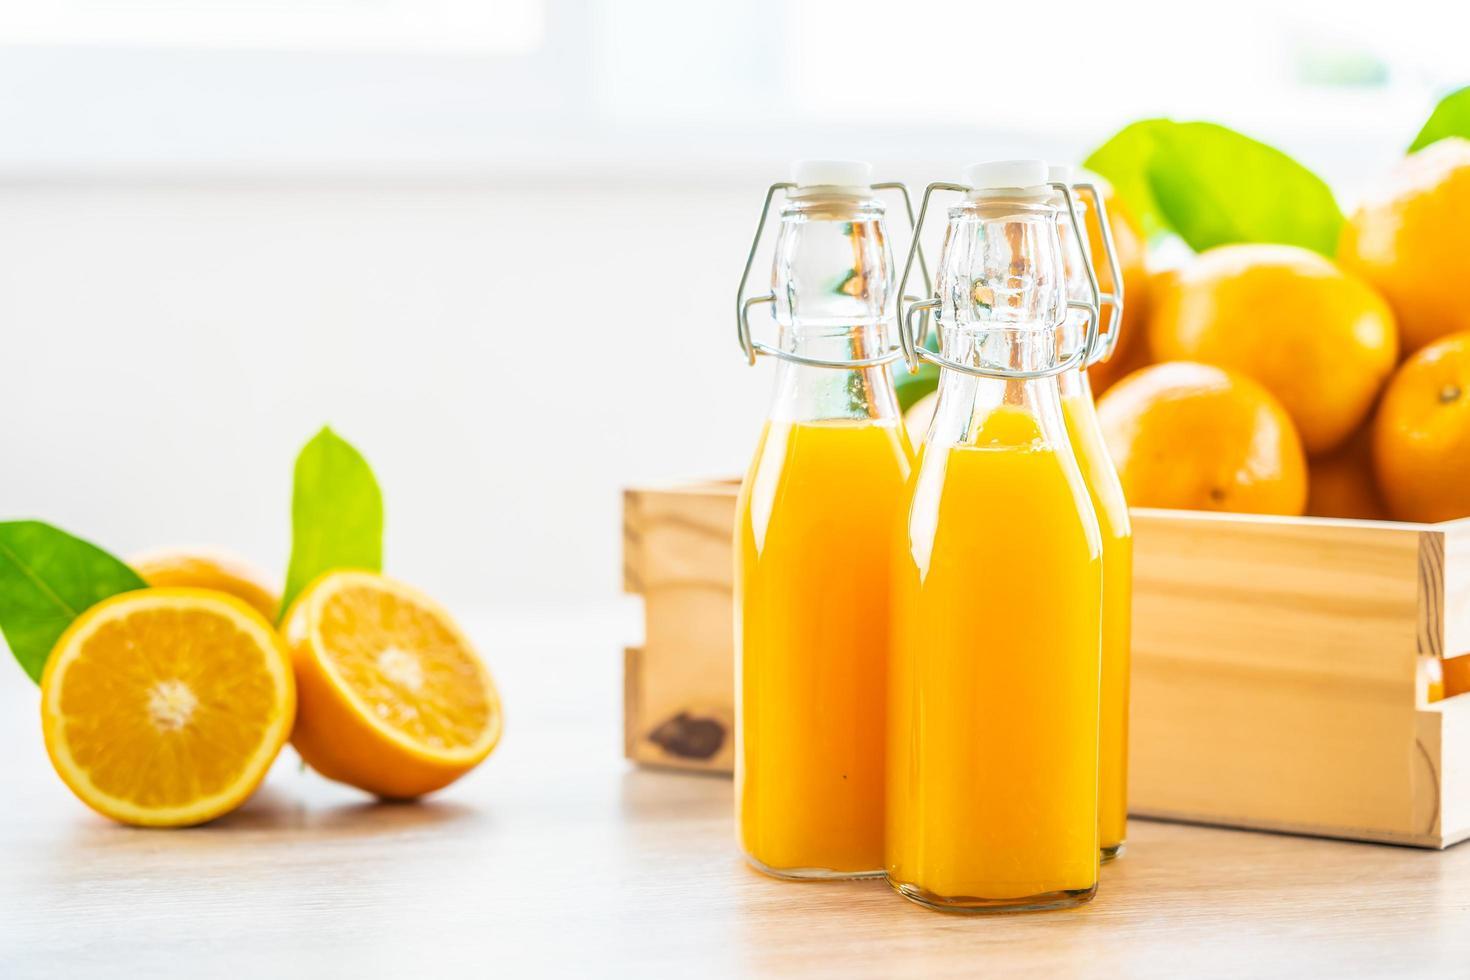 färsk apelsinjuice för drink i flaskglas foto